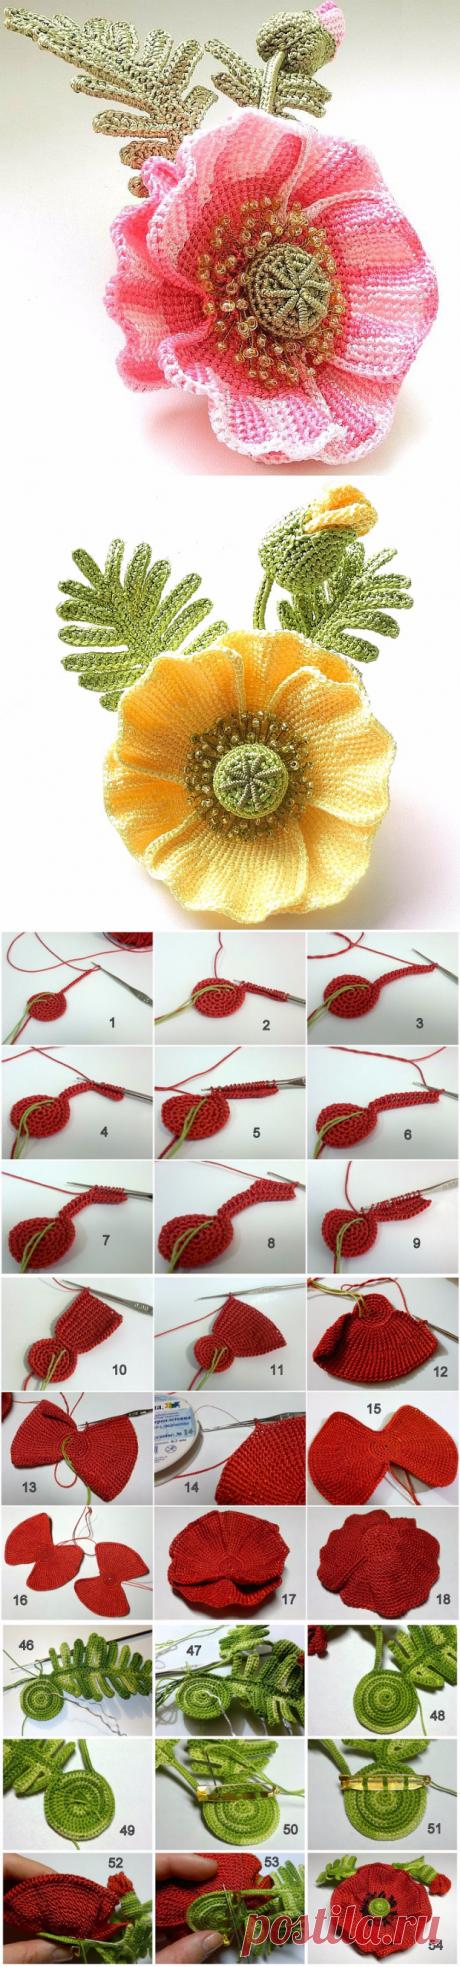 Маки-пошаговая инструкция вязания крючком